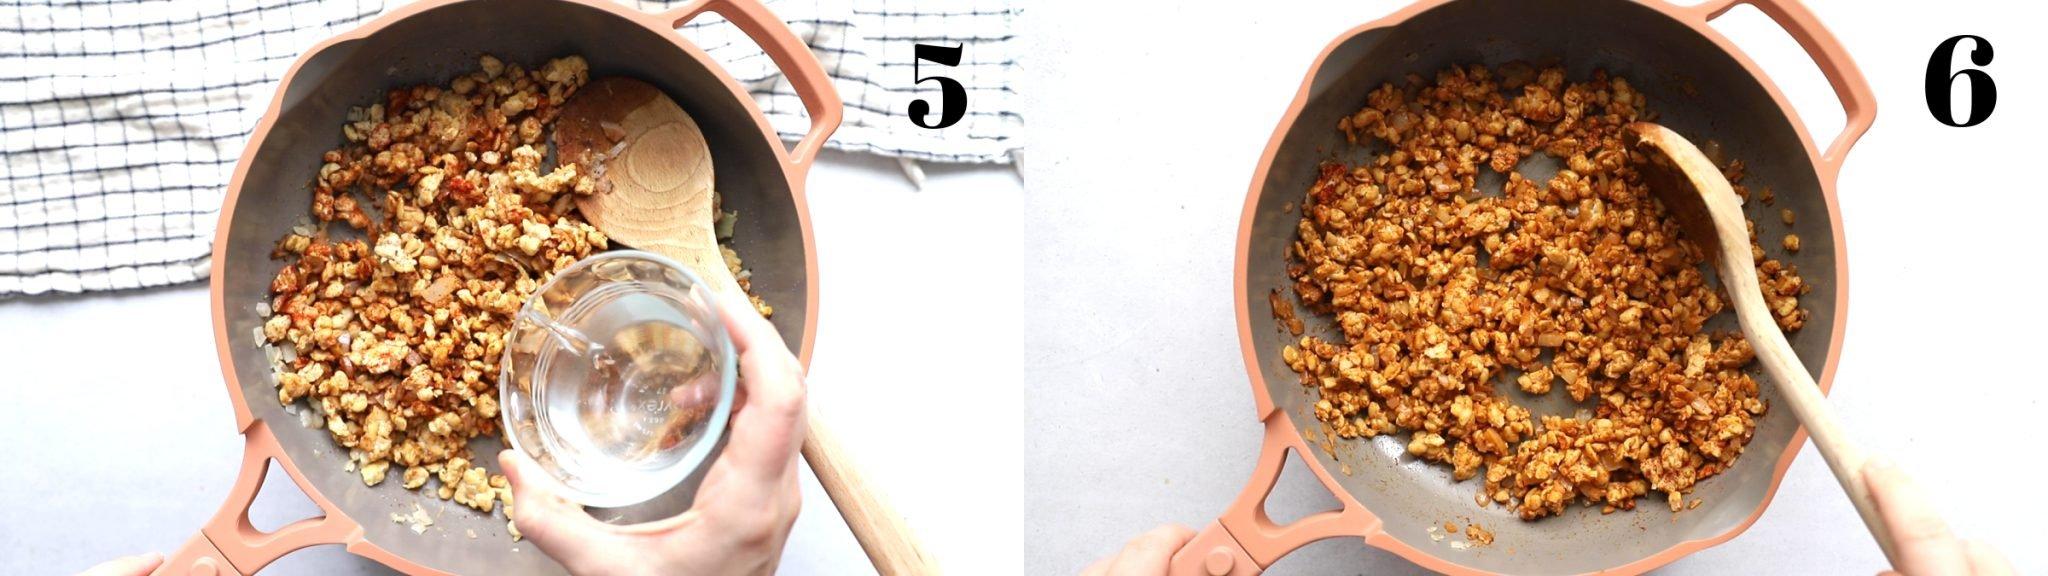 lado a lado imagens de uma frigideira rosa.  imagem à esquerda: tempeh desintegrado com especiarias por cima.  imagem certa: tempeh esfarelado com as especiarias todas misturadas